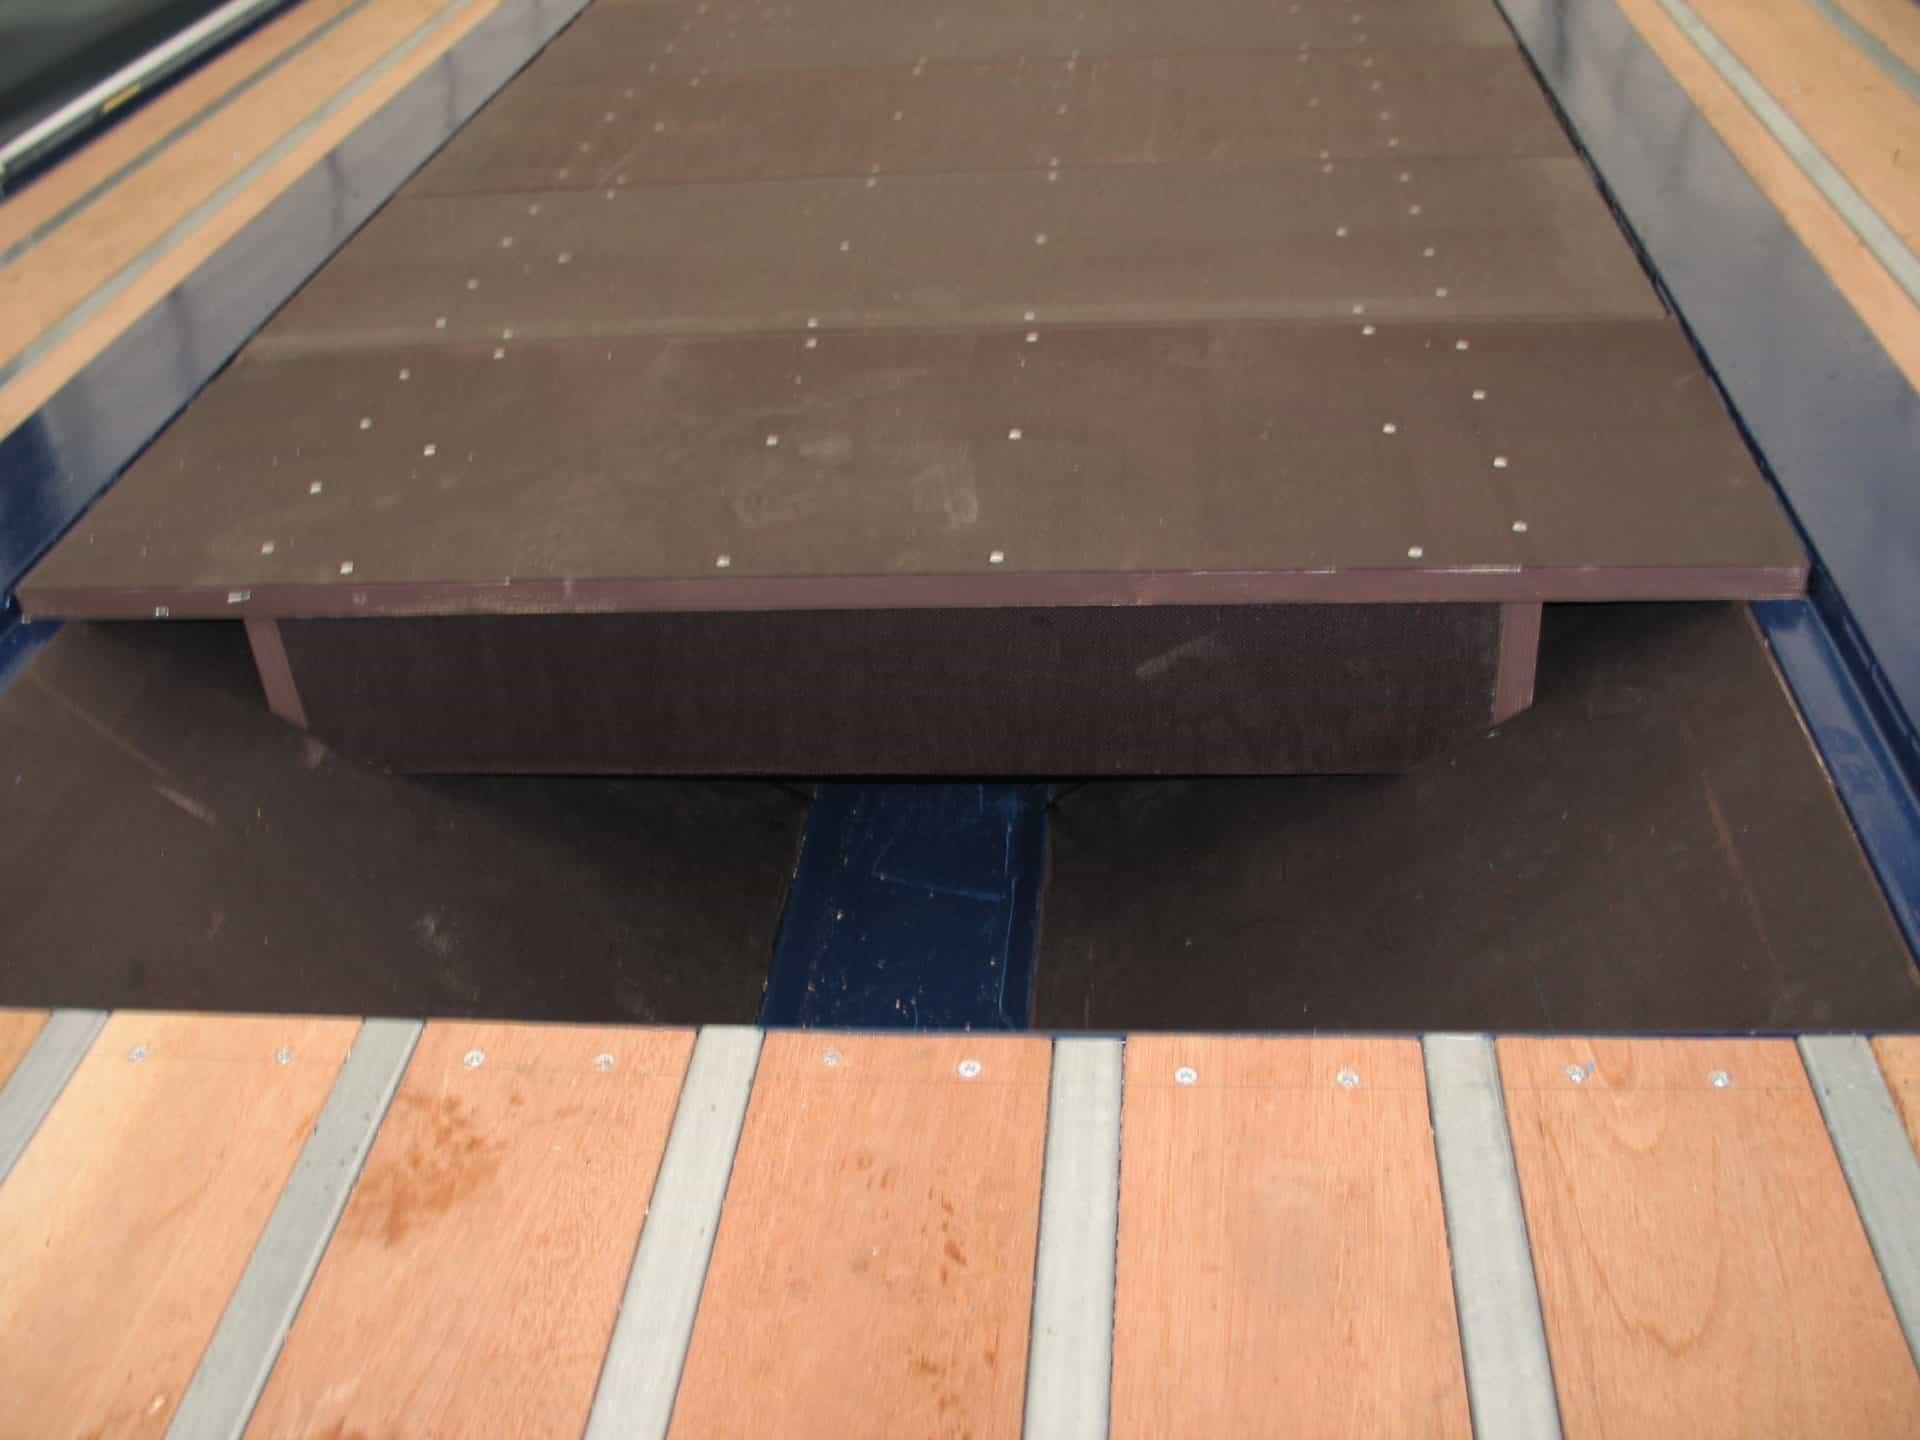 Coil trailer vloer